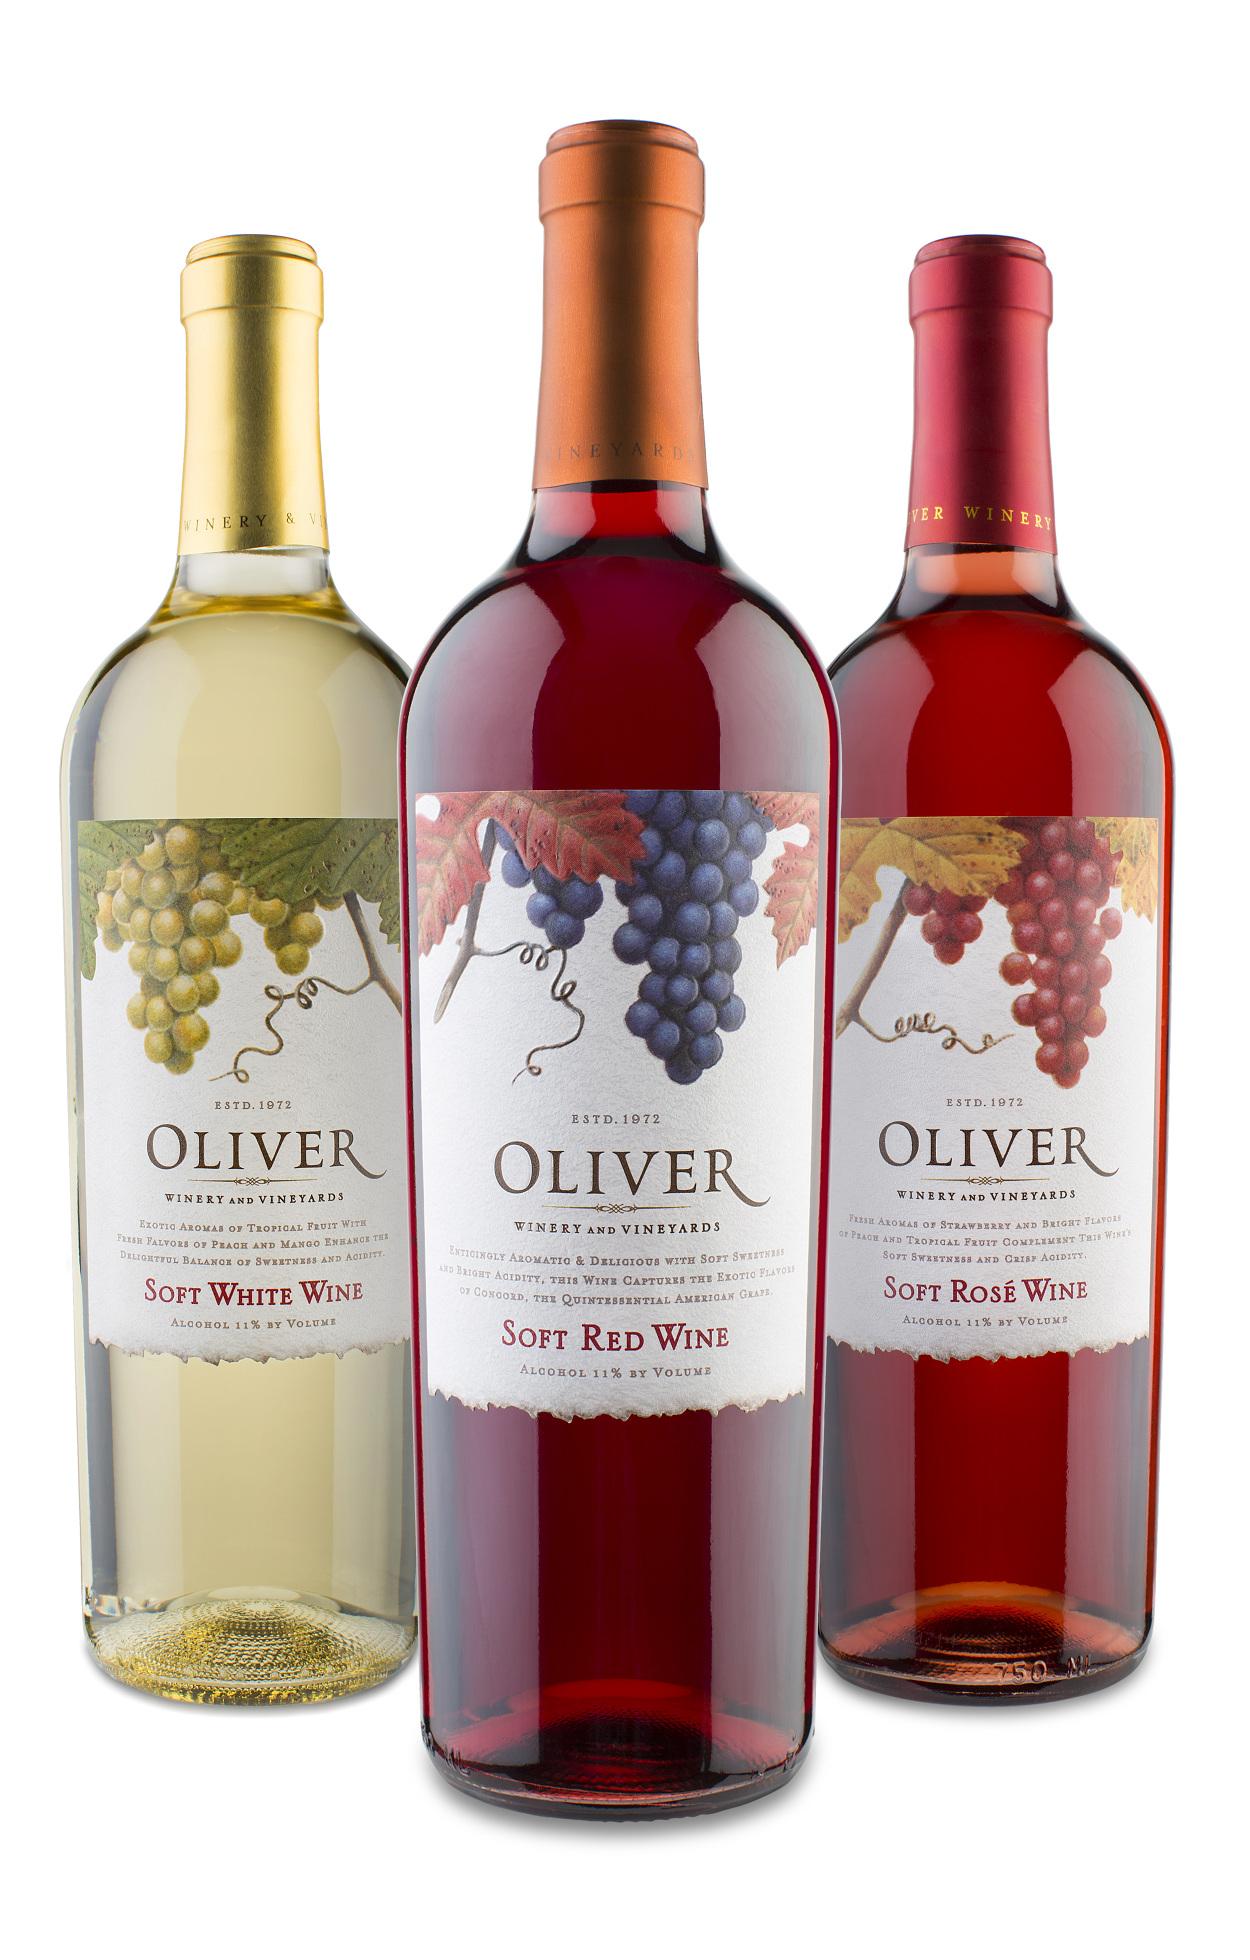 oliver soft wine family